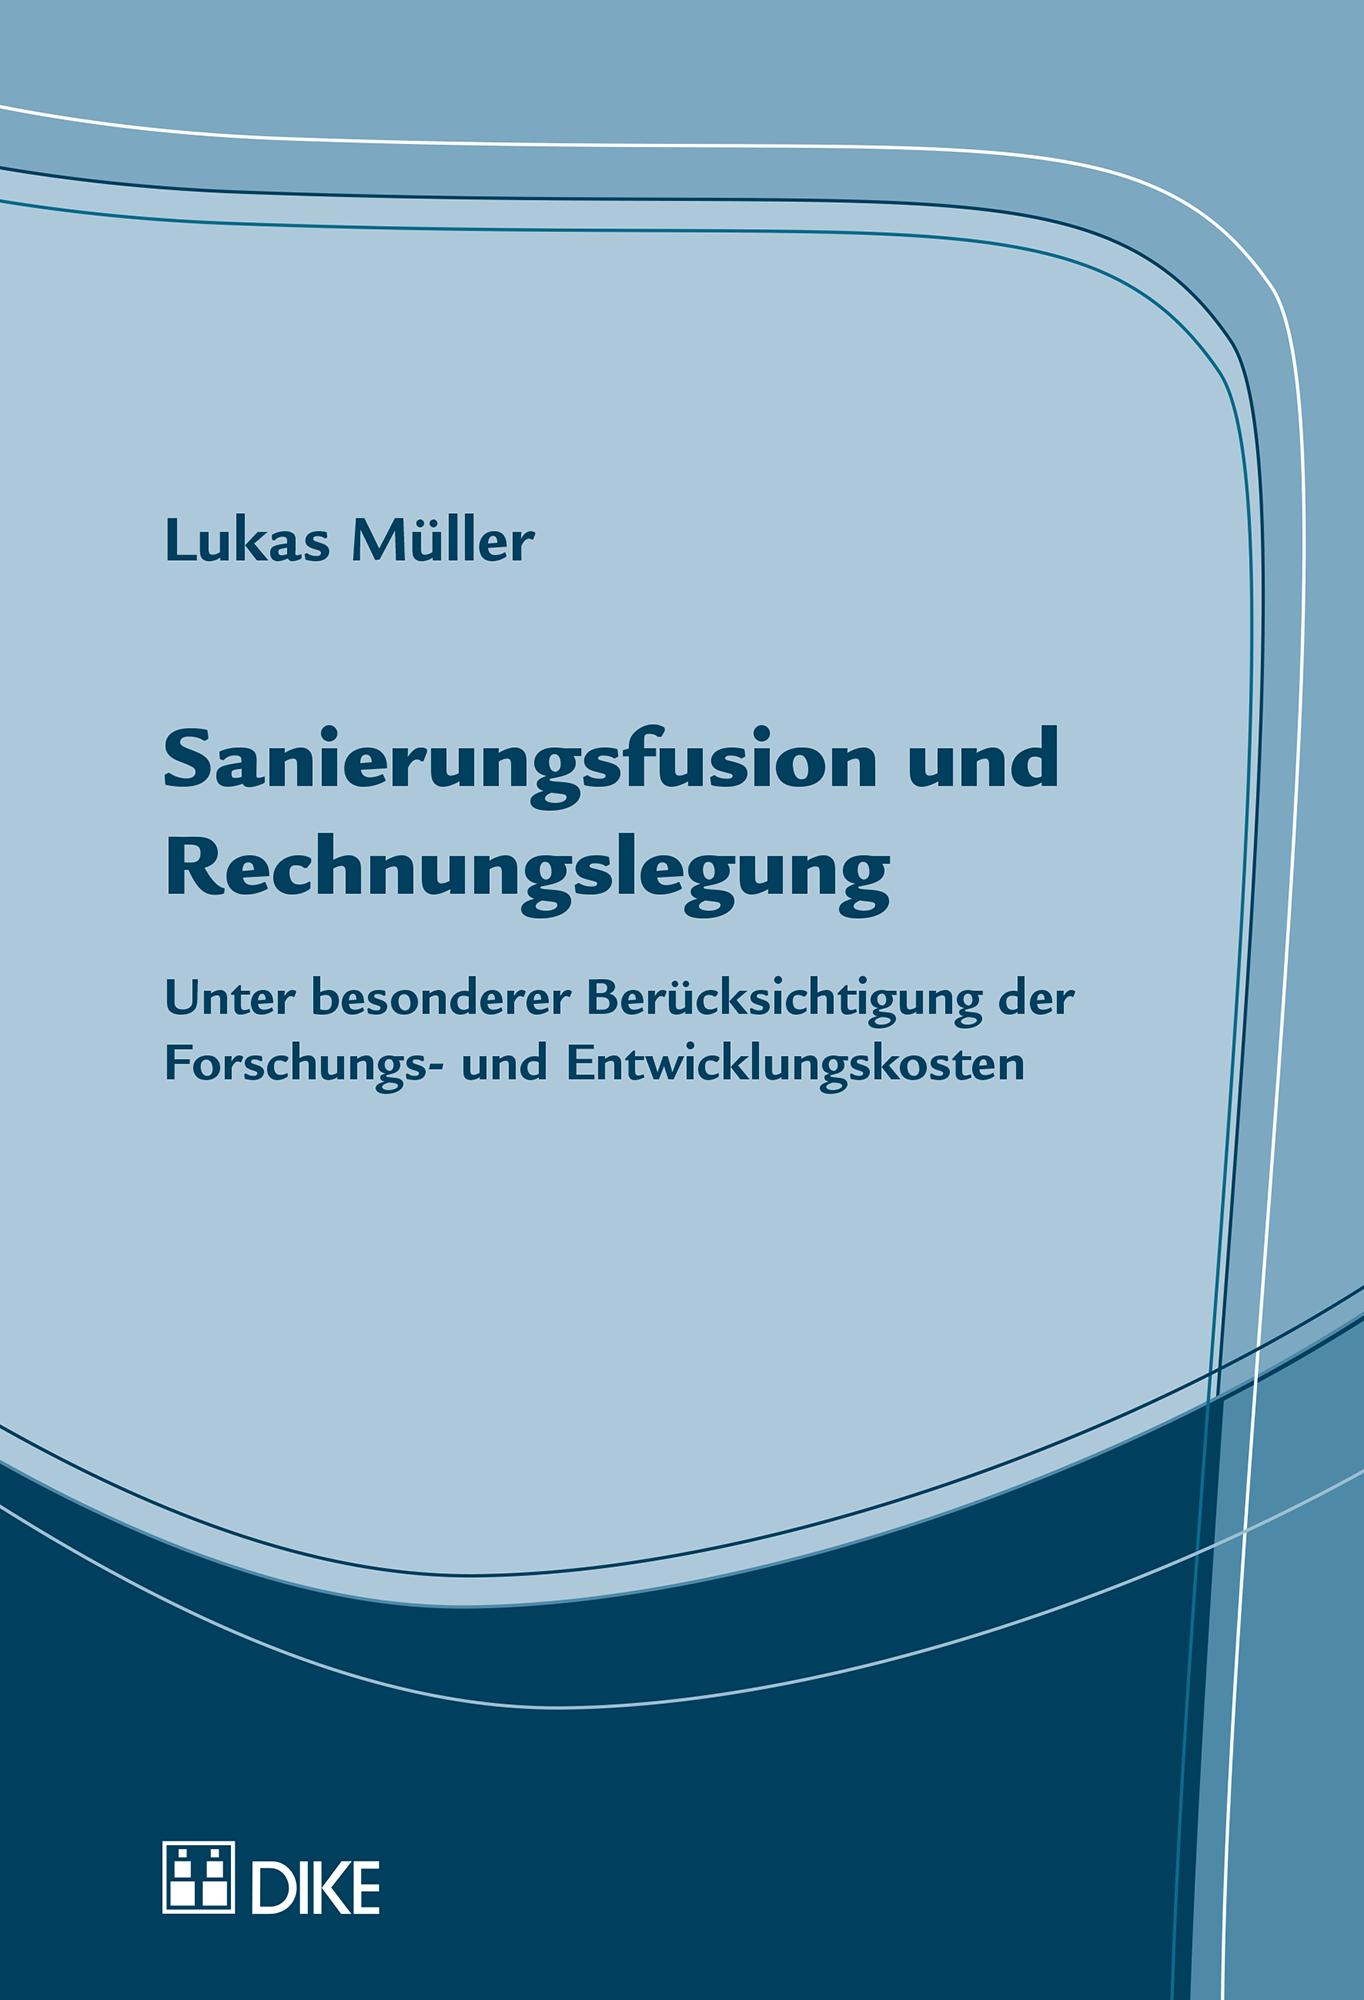 Sanierungsfusion und Rechnungslegung